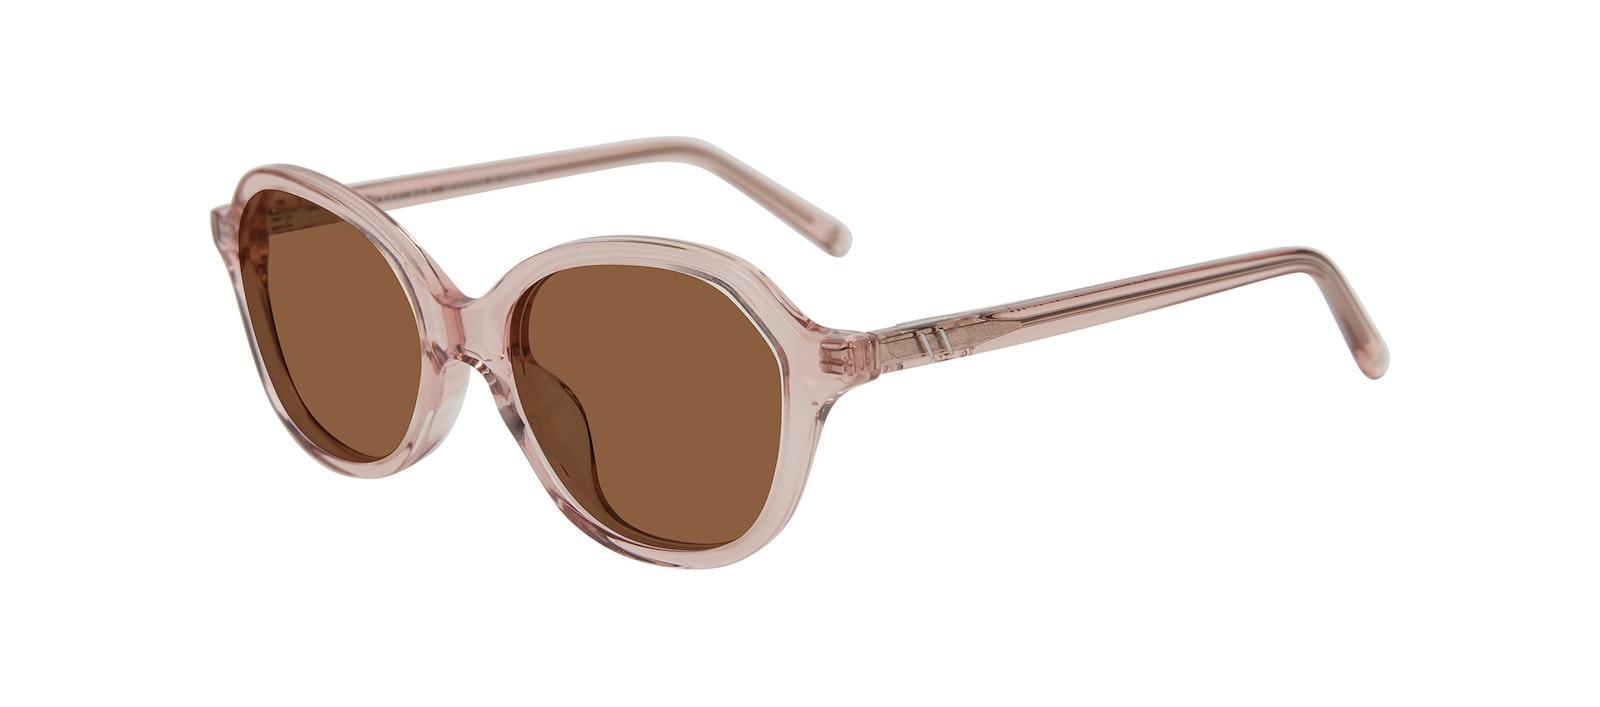 Affordable Fashion Glasses Square Sunglasses Kids Stage Junior Pink Tilt